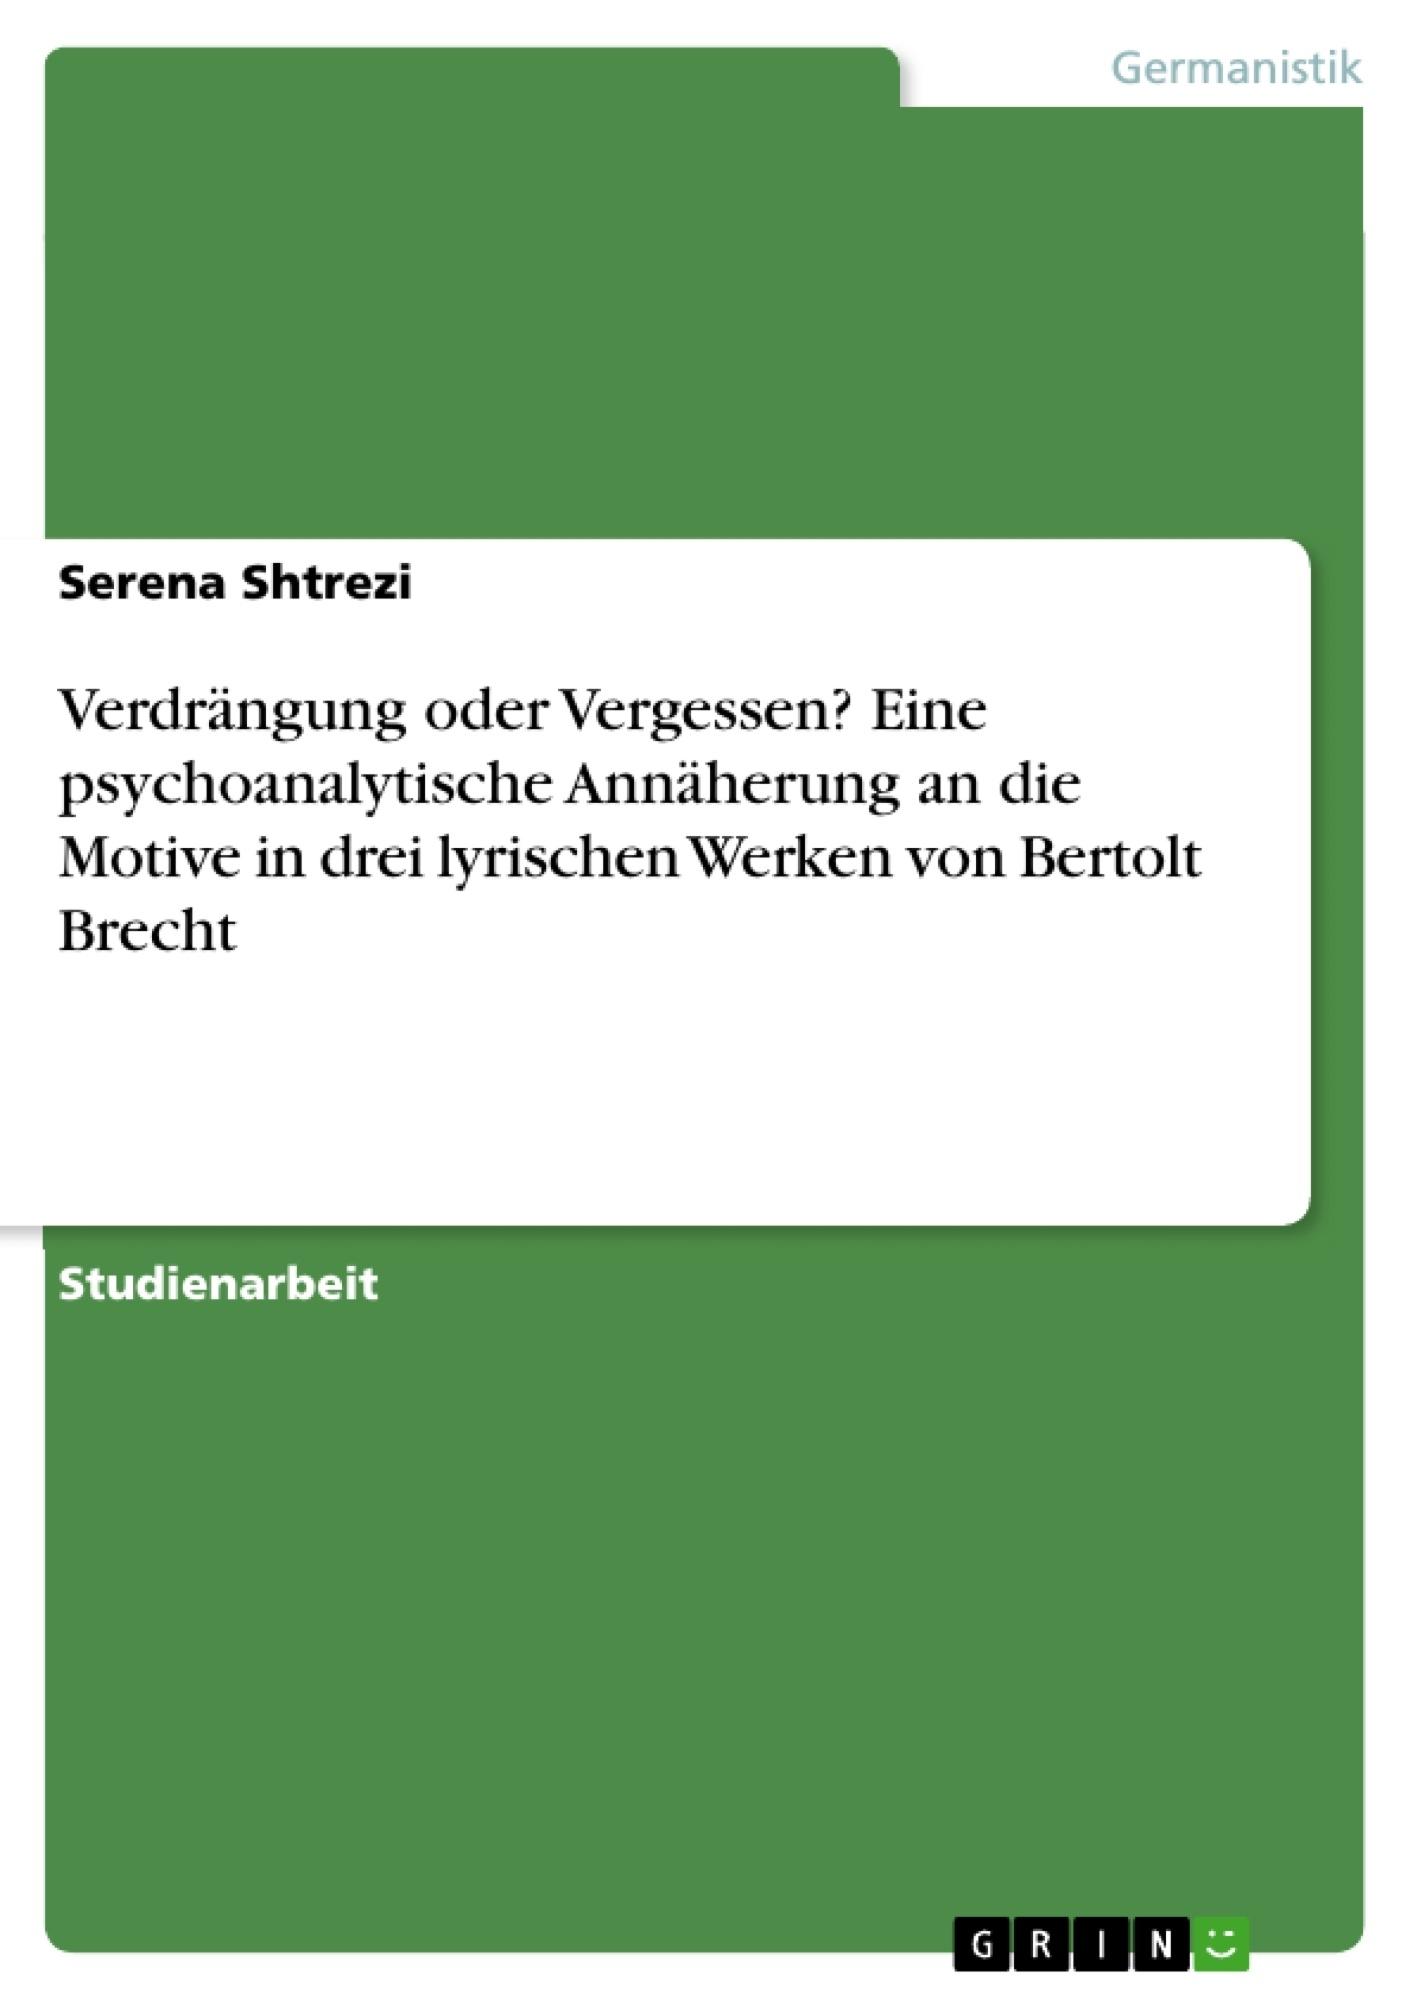 Titel: Verdrängung oder Vergessen? Eine psychoanalytische Annäherung an die Motive in drei lyrischen Werken von Bertolt Brecht